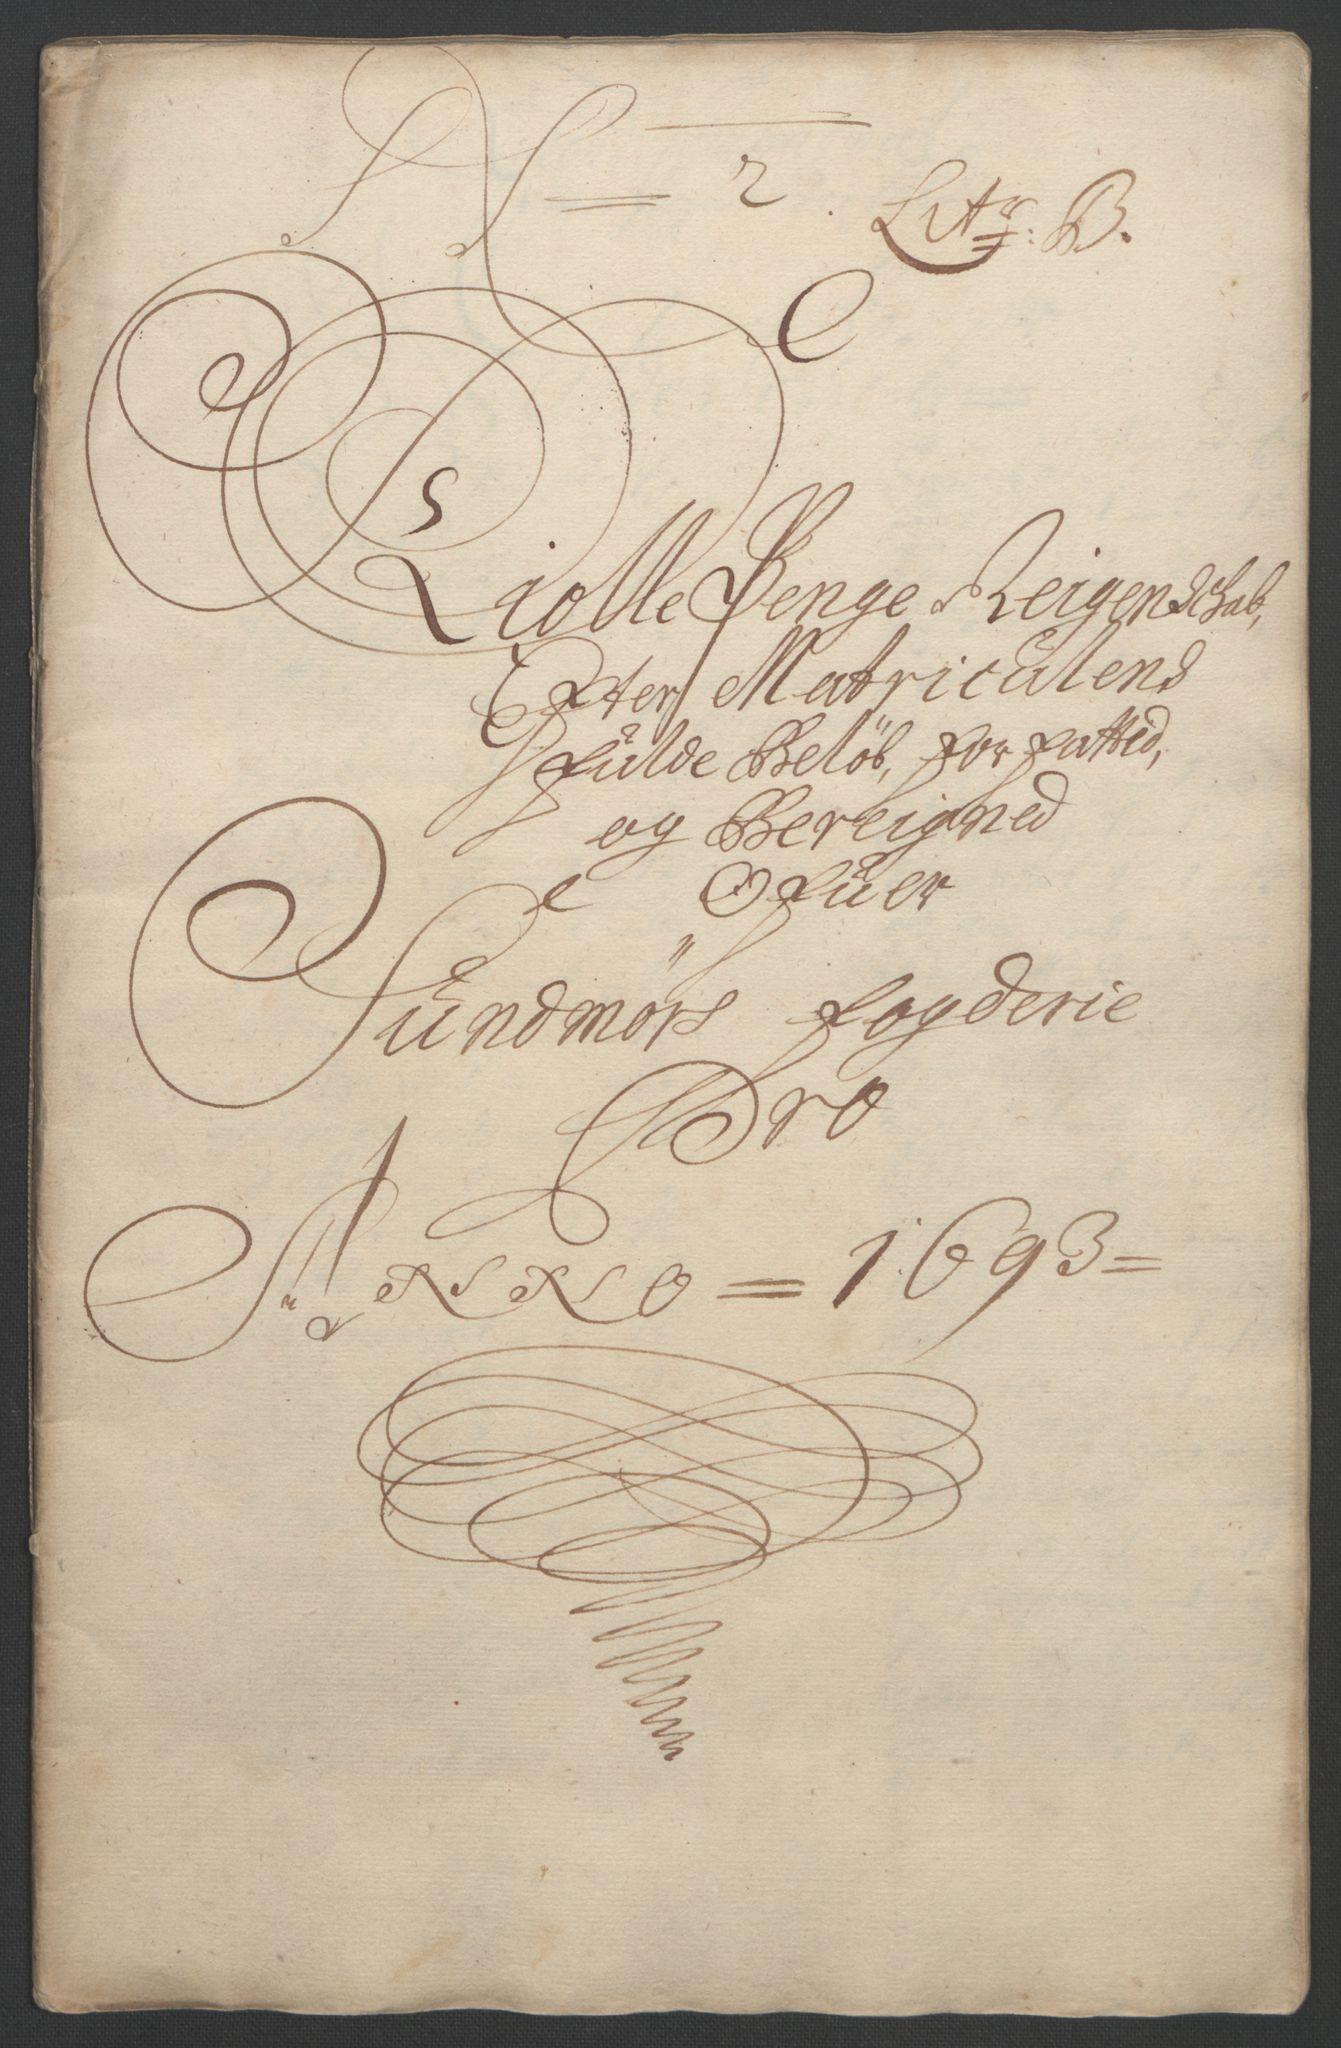 RA, Rentekammeret inntil 1814, Reviderte regnskaper, Fogderegnskap, R54/L3554: Fogderegnskap Sunnmøre, 1691-1693, s. 381